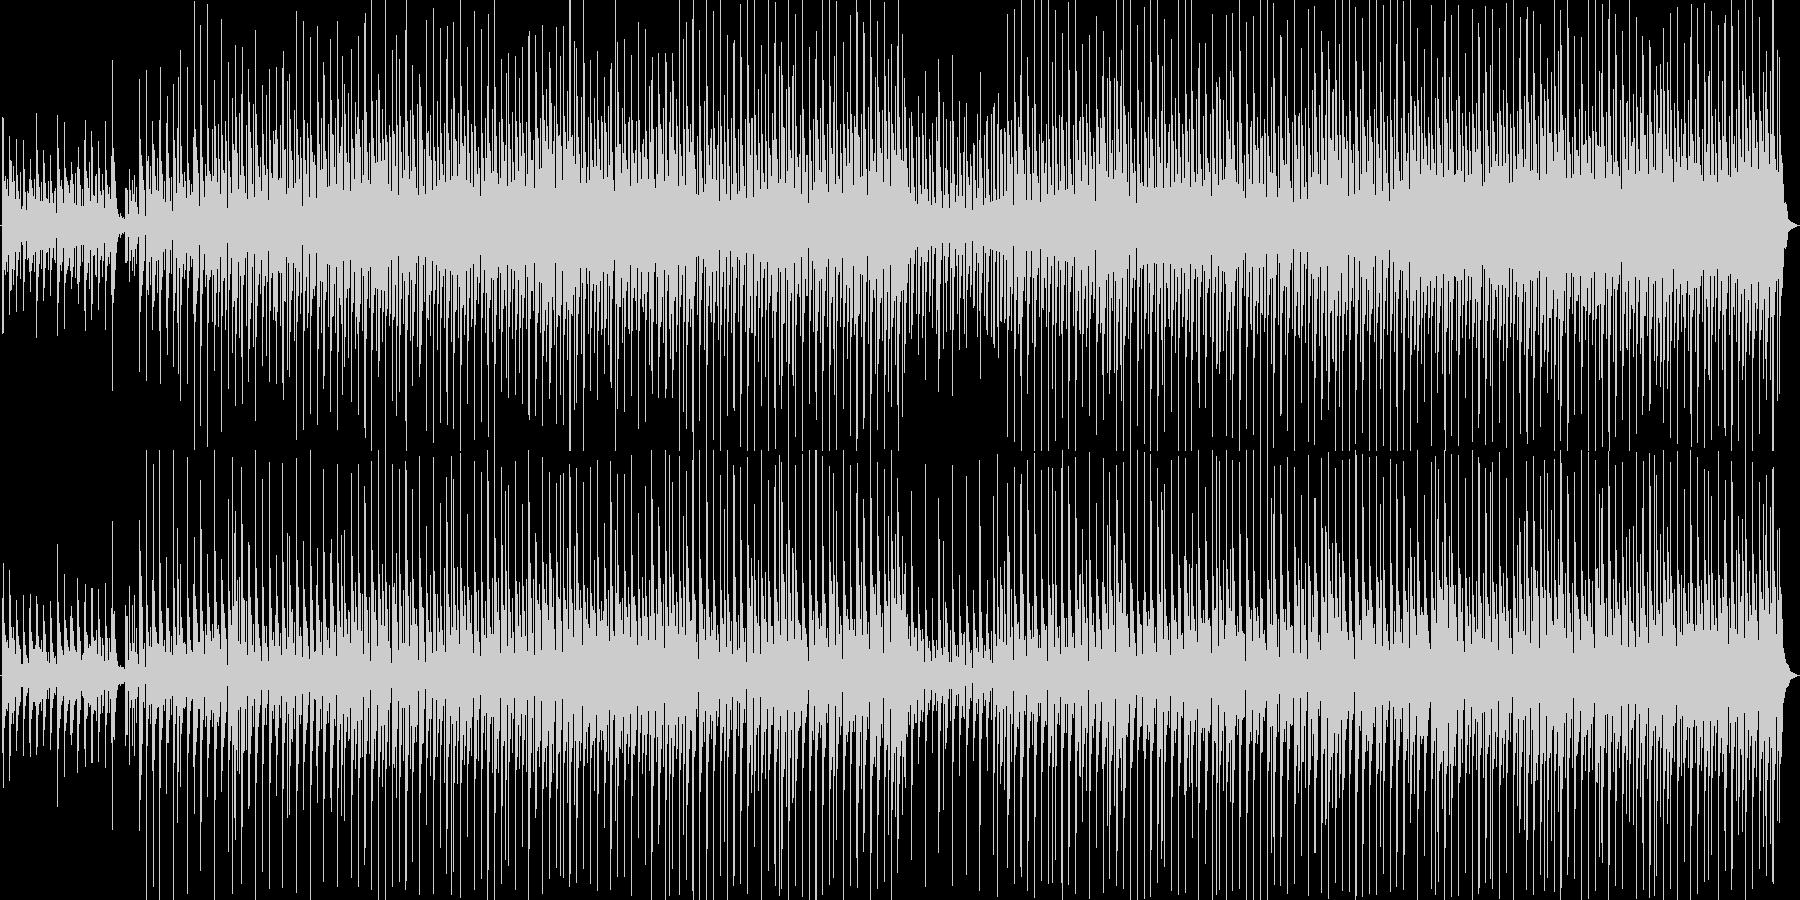 ほのぼの軽快なアコースティックメロディの未再生の波形